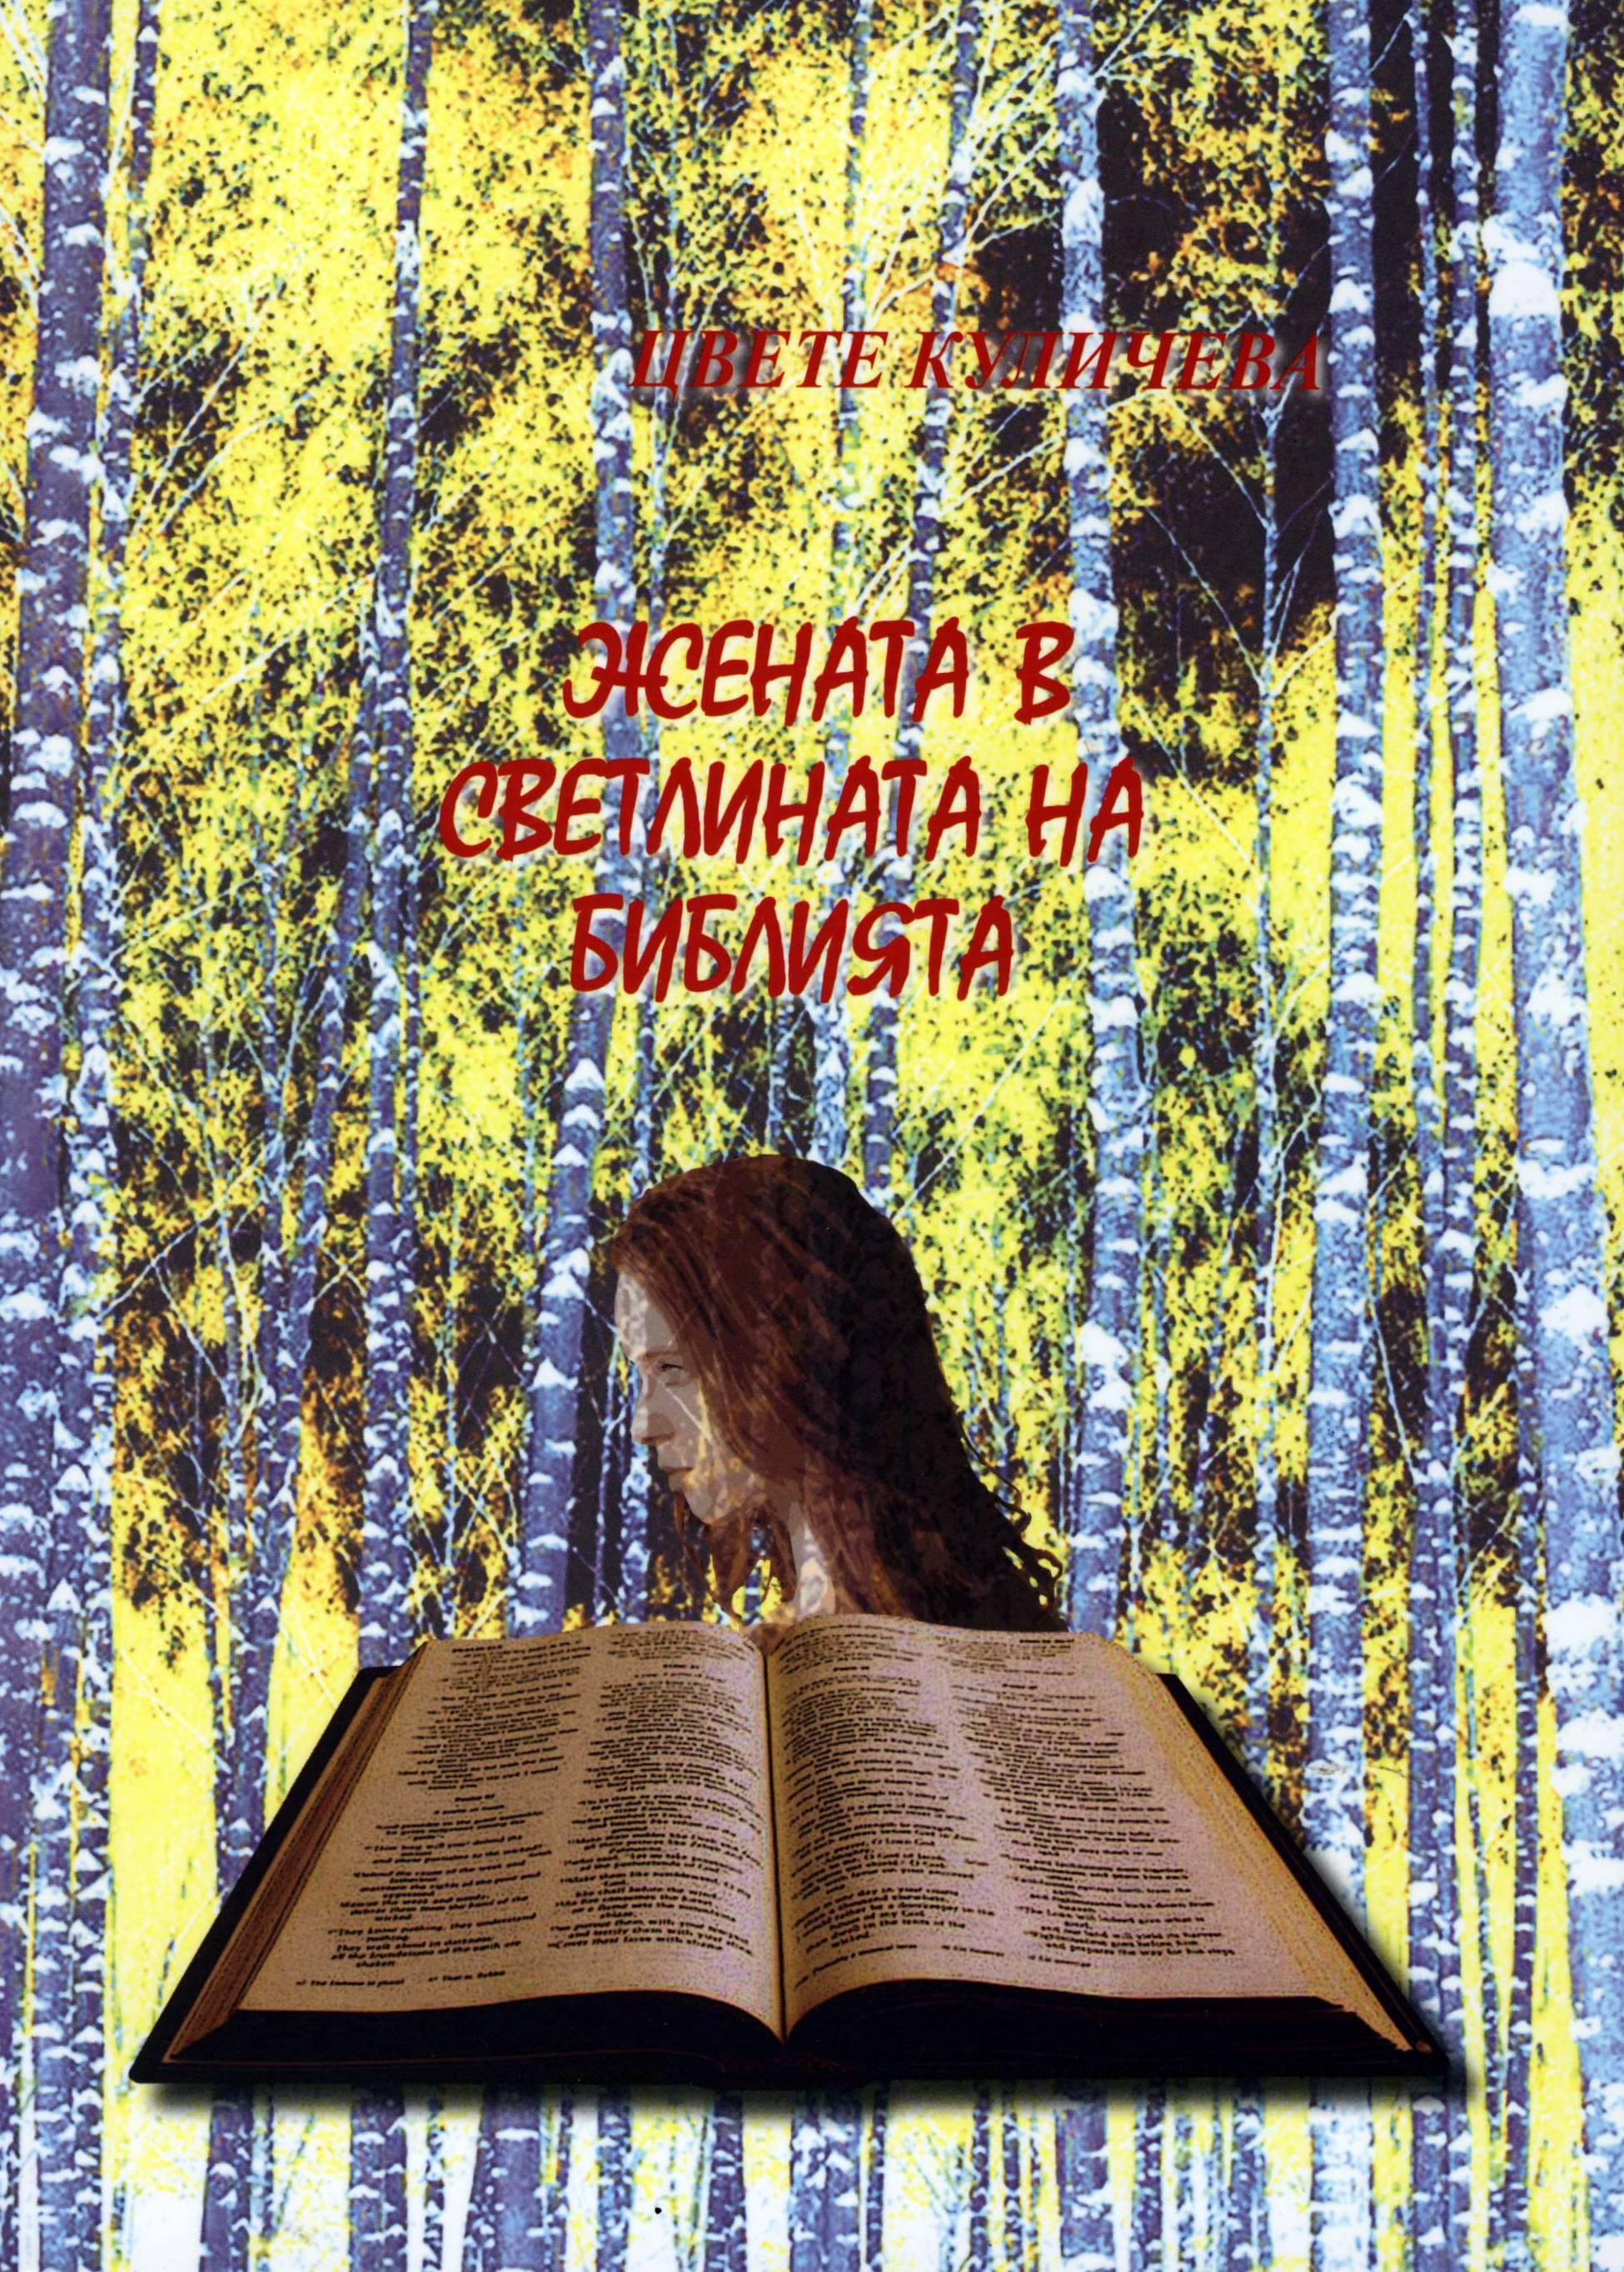 Жената в светлината на Библията